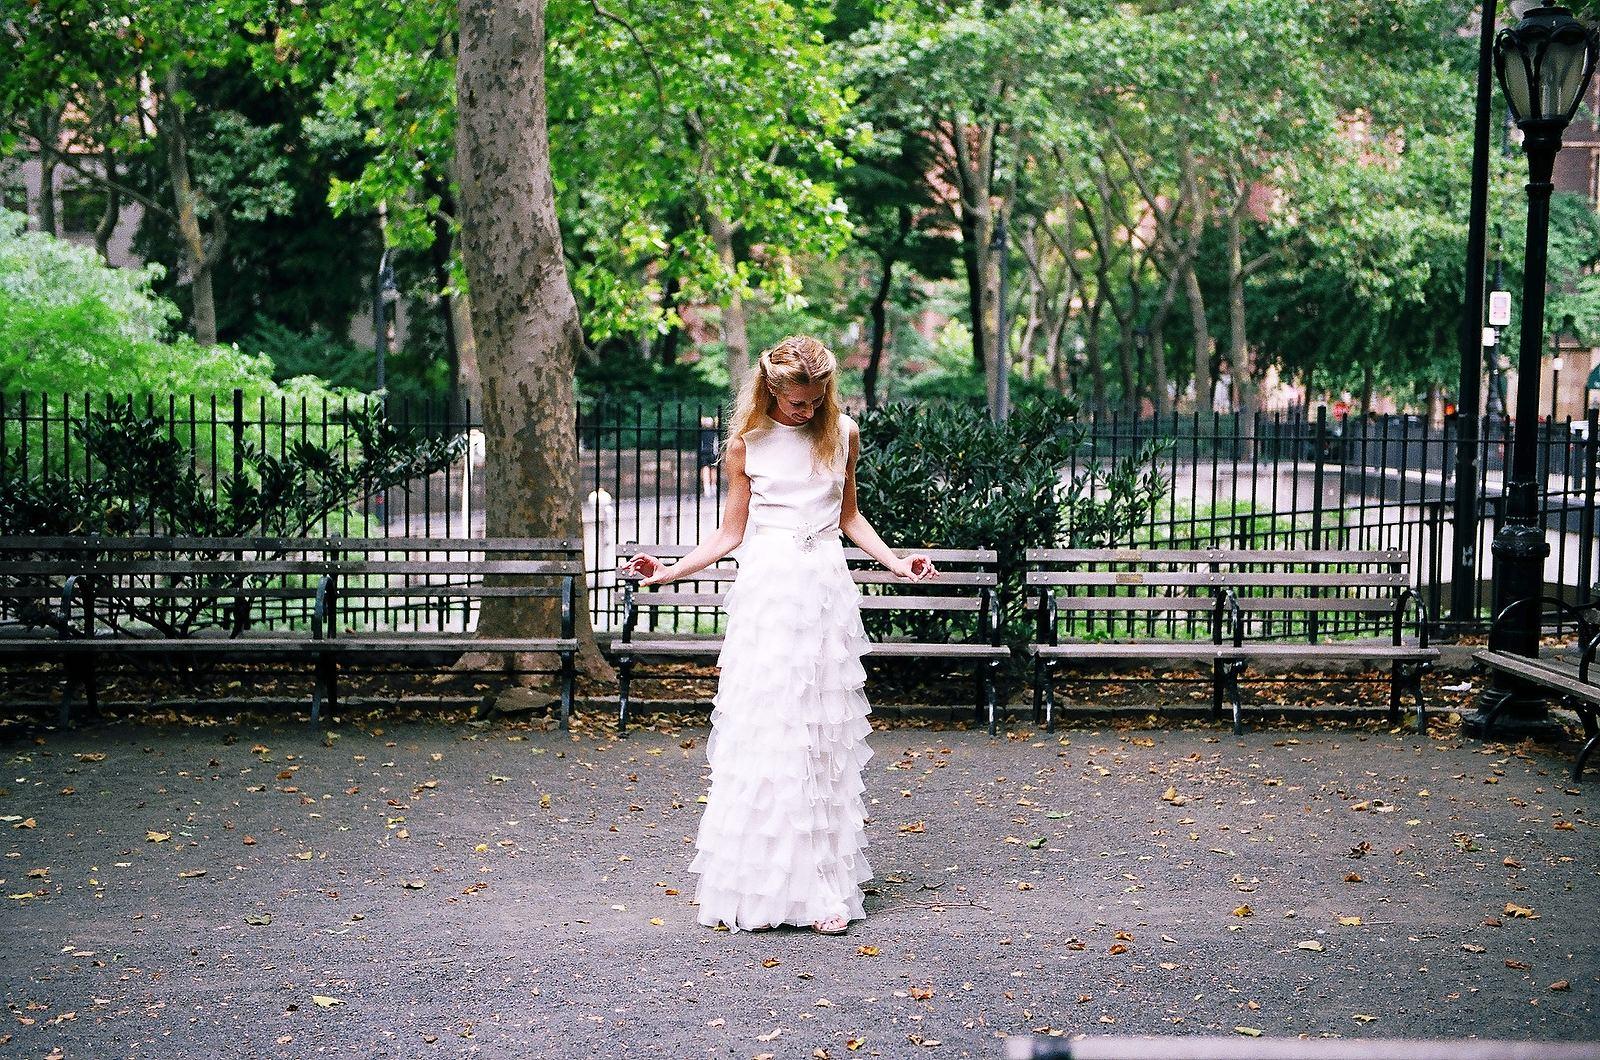 bridal gown portratait in garden